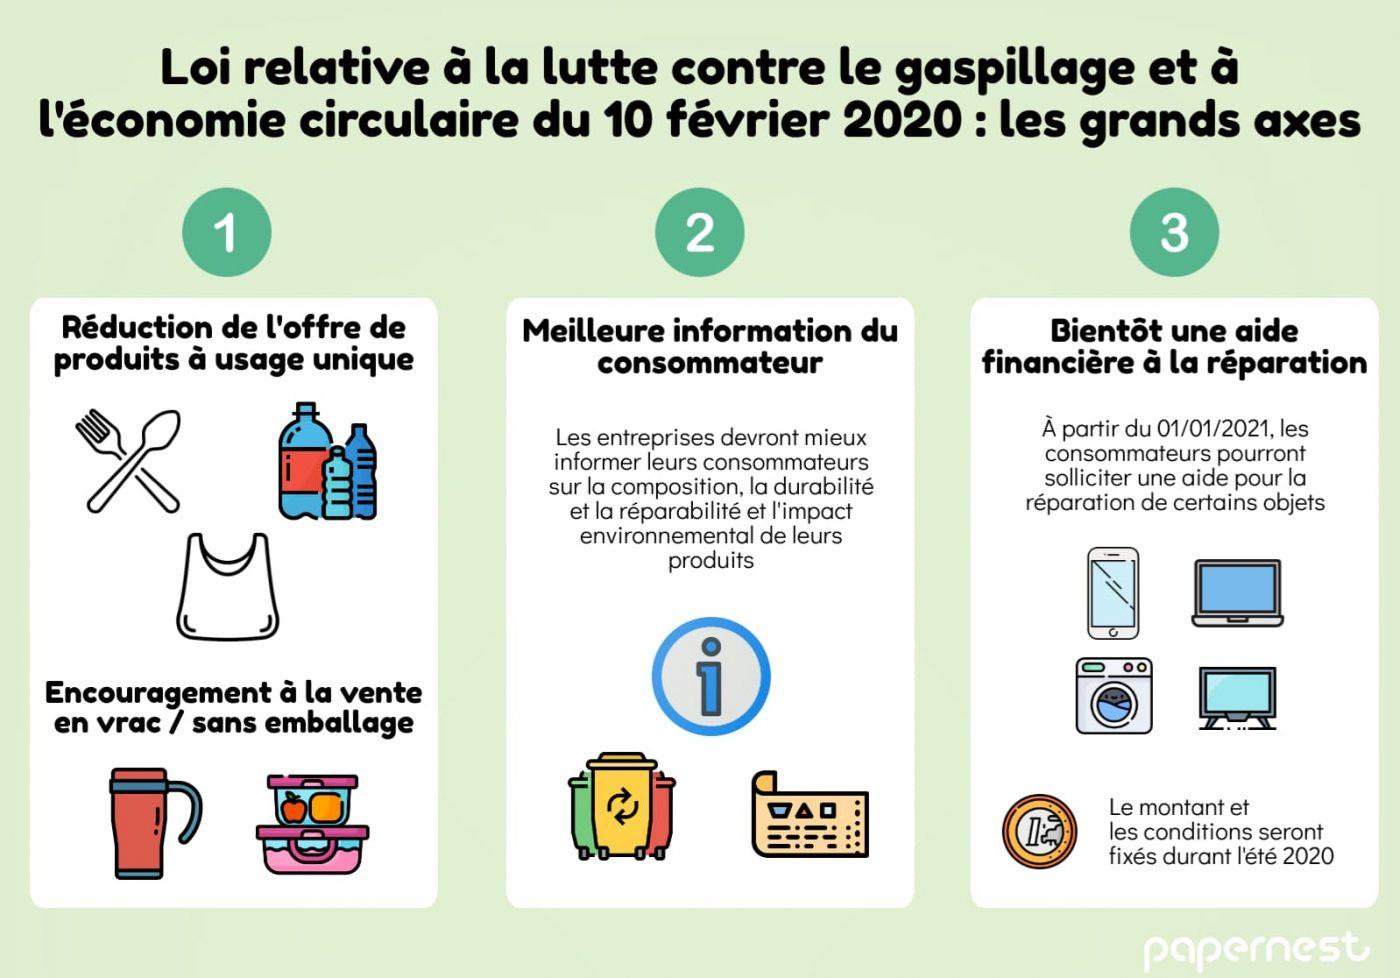 loi gaspillage économie circulaire 10 février 2020